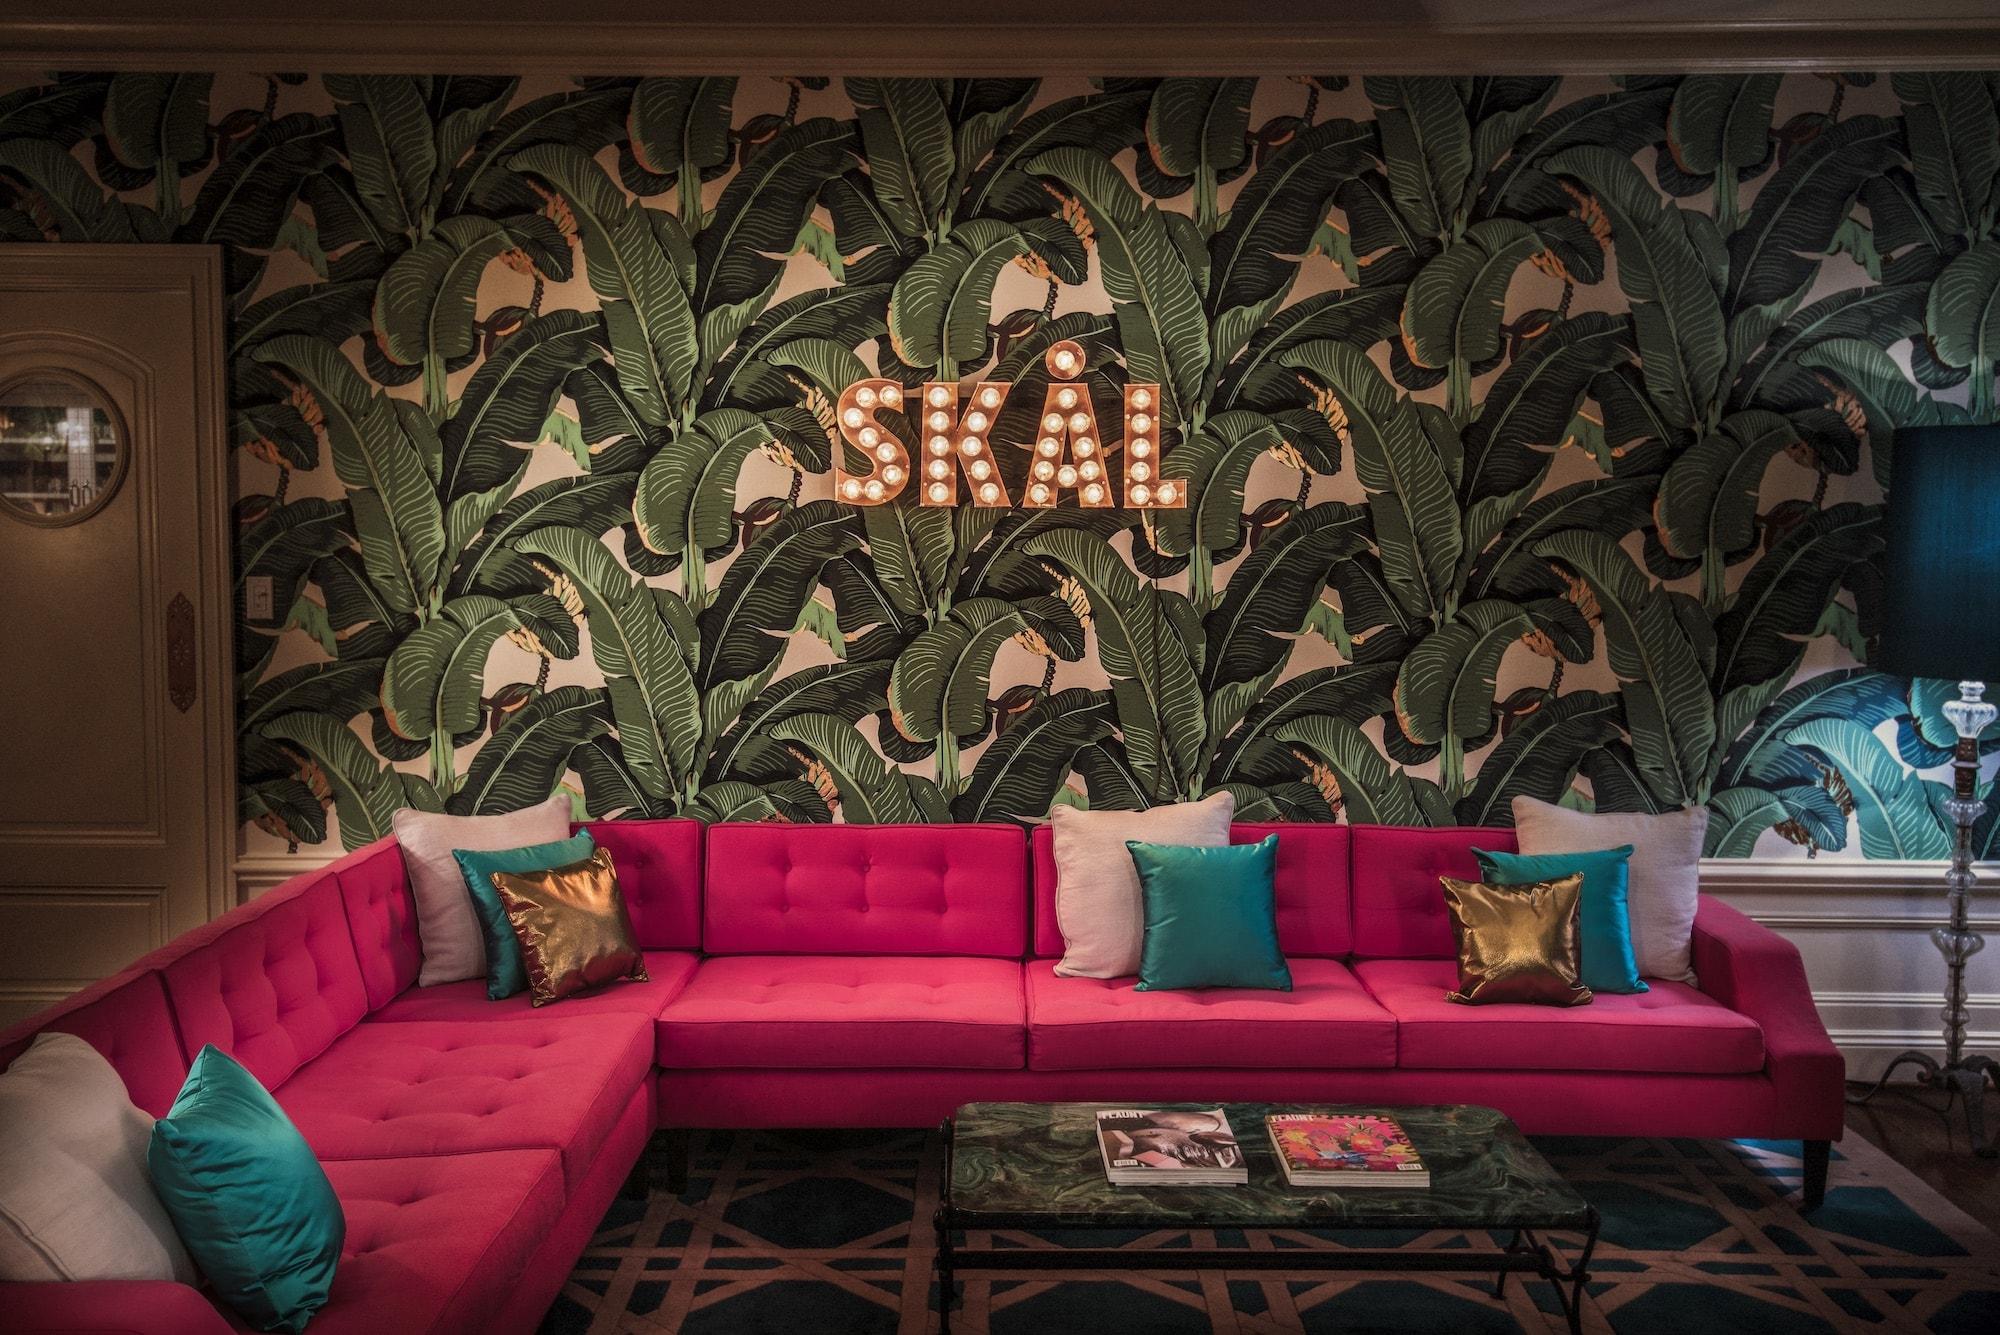 Martinique Room details at the Elyx House LA